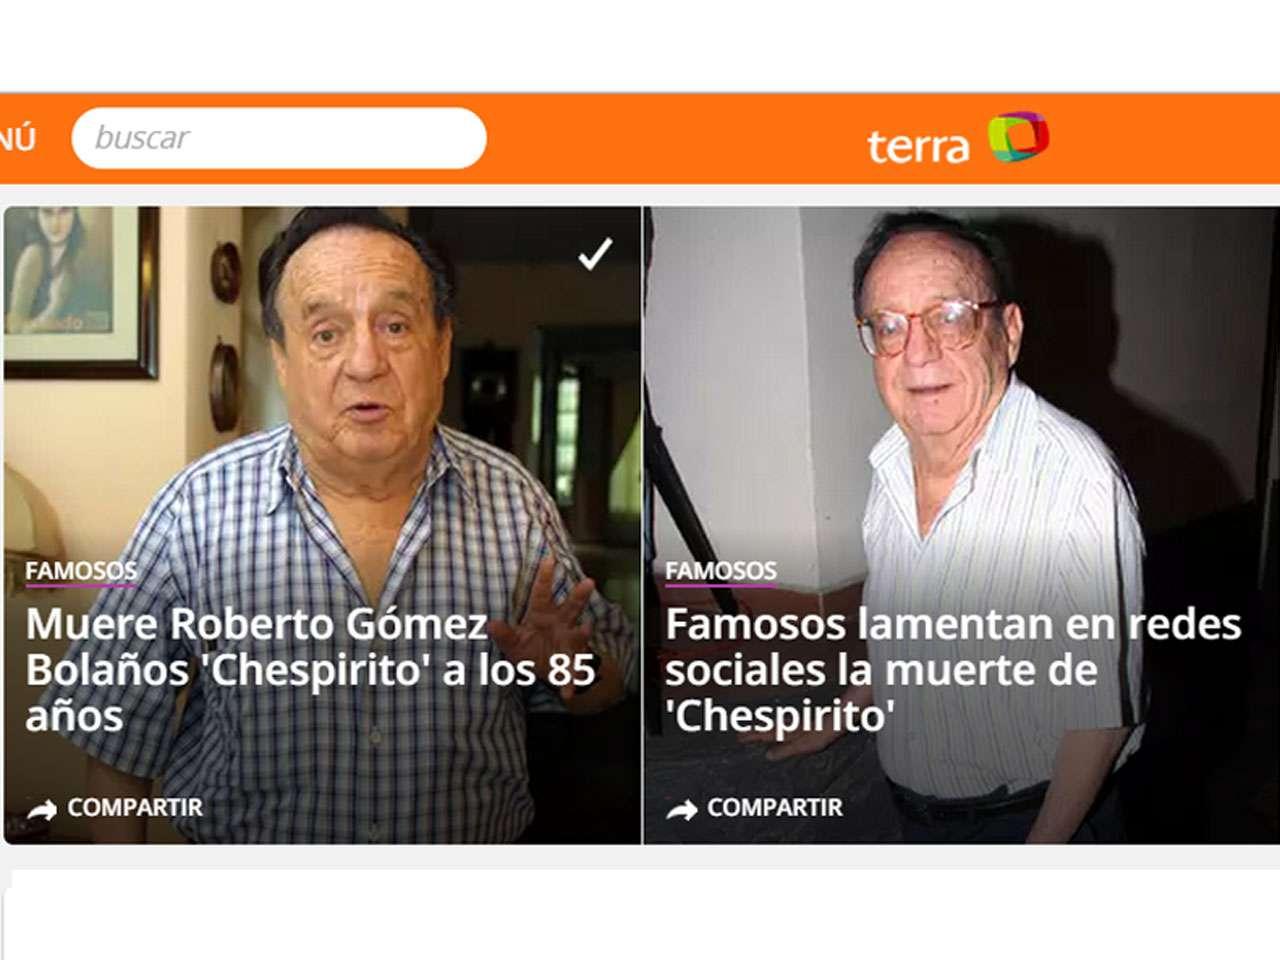 La muerte de Roberto Gómez Bolaños, conocido como 'Chespirito', fue anunciada en Cancún, Quintana Roo, el viernes 28 de noviembre del 2014. El actor, comediante y escritor, nació el 21 de febrero de 1929, se volvió en todo un ícono internacional gracias a sus memorables personajes en shows televisivos como 'El Chapulín Colorado', 'El Chavo del Ocho', 'Chespirito' y películas como 'El Chanfle' y 'El Zángano'. Foto: Tomada del Portal del medio